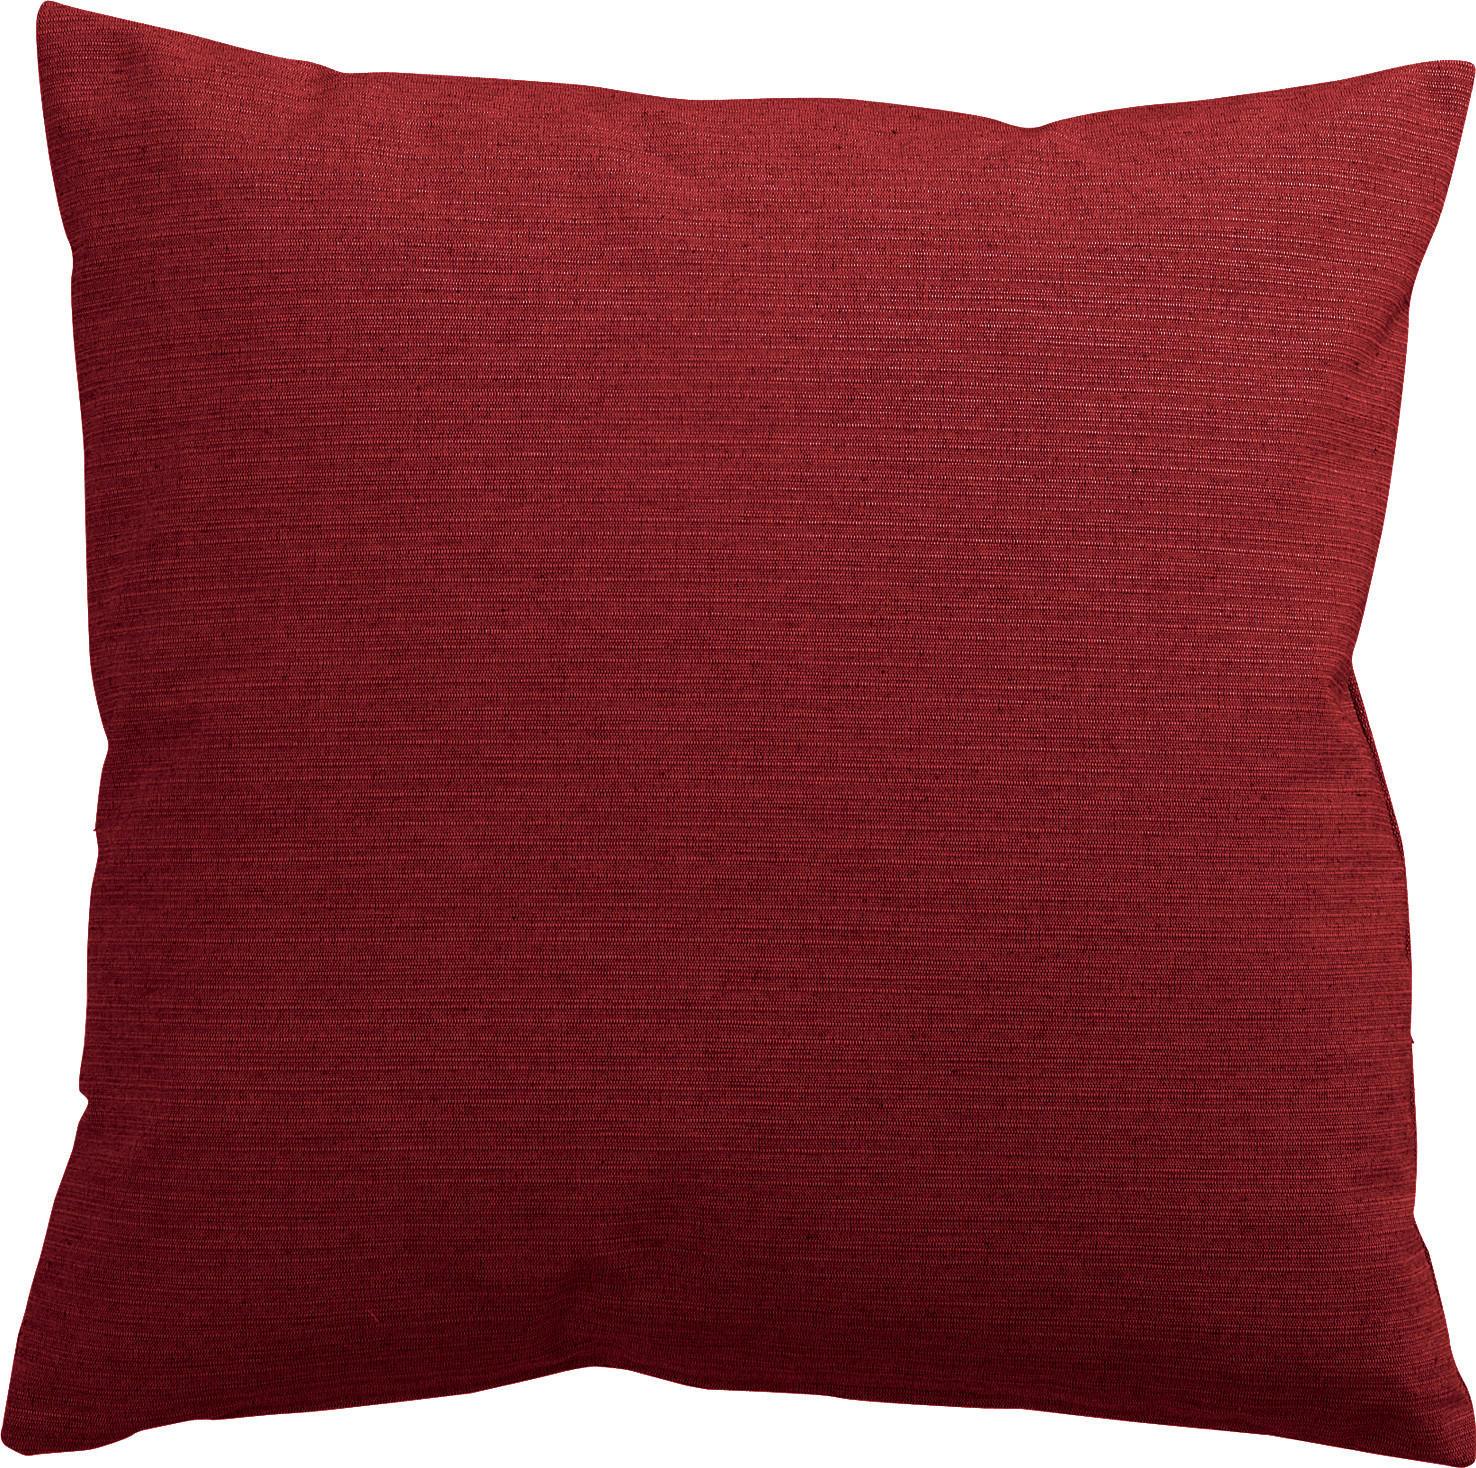 KISSENHÜLLE Rot 40/40 cm - Rot, Textil (40/40cm) - NOVEL